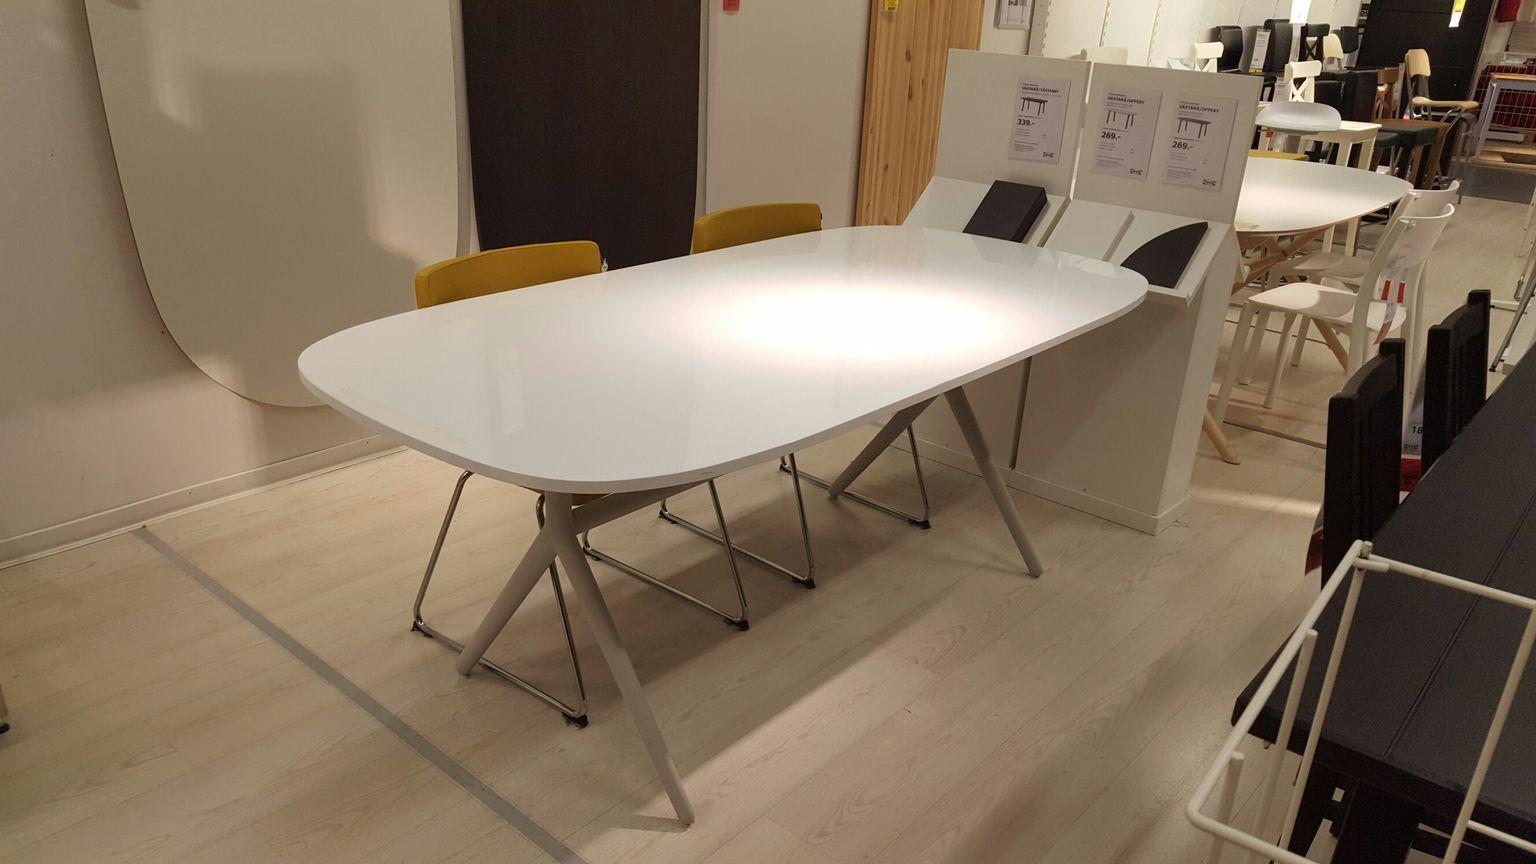 Ikea Badkamer Opbergers : Opbergen badkamer tgx excellent cool excellent wooden wallhung